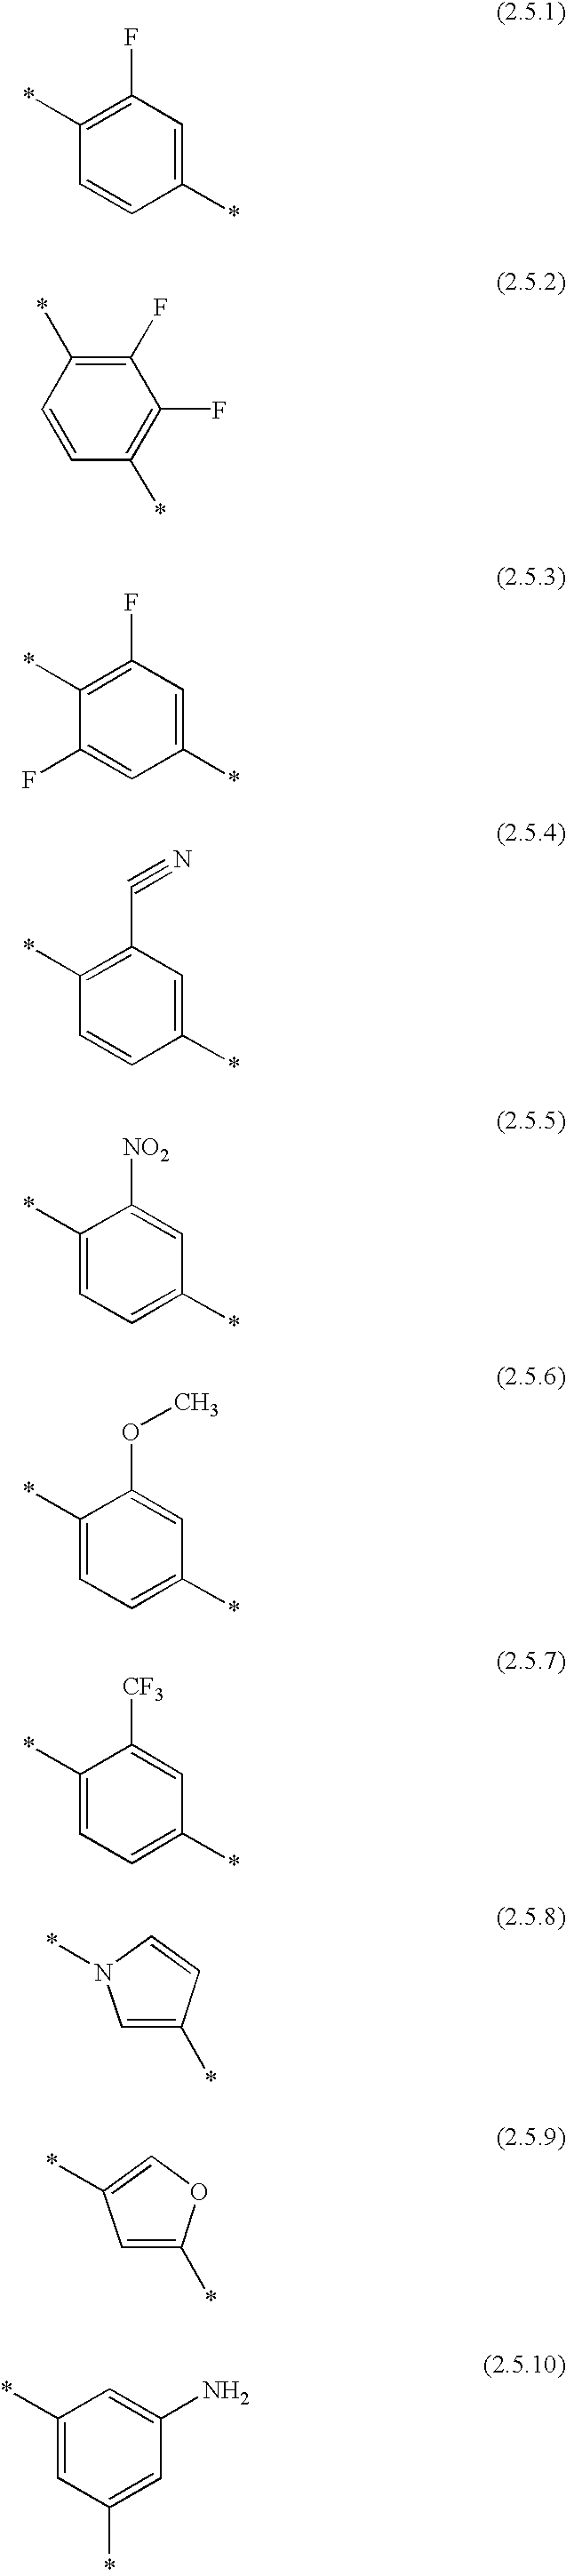 Figure US20020123520A1-20020905-C00073